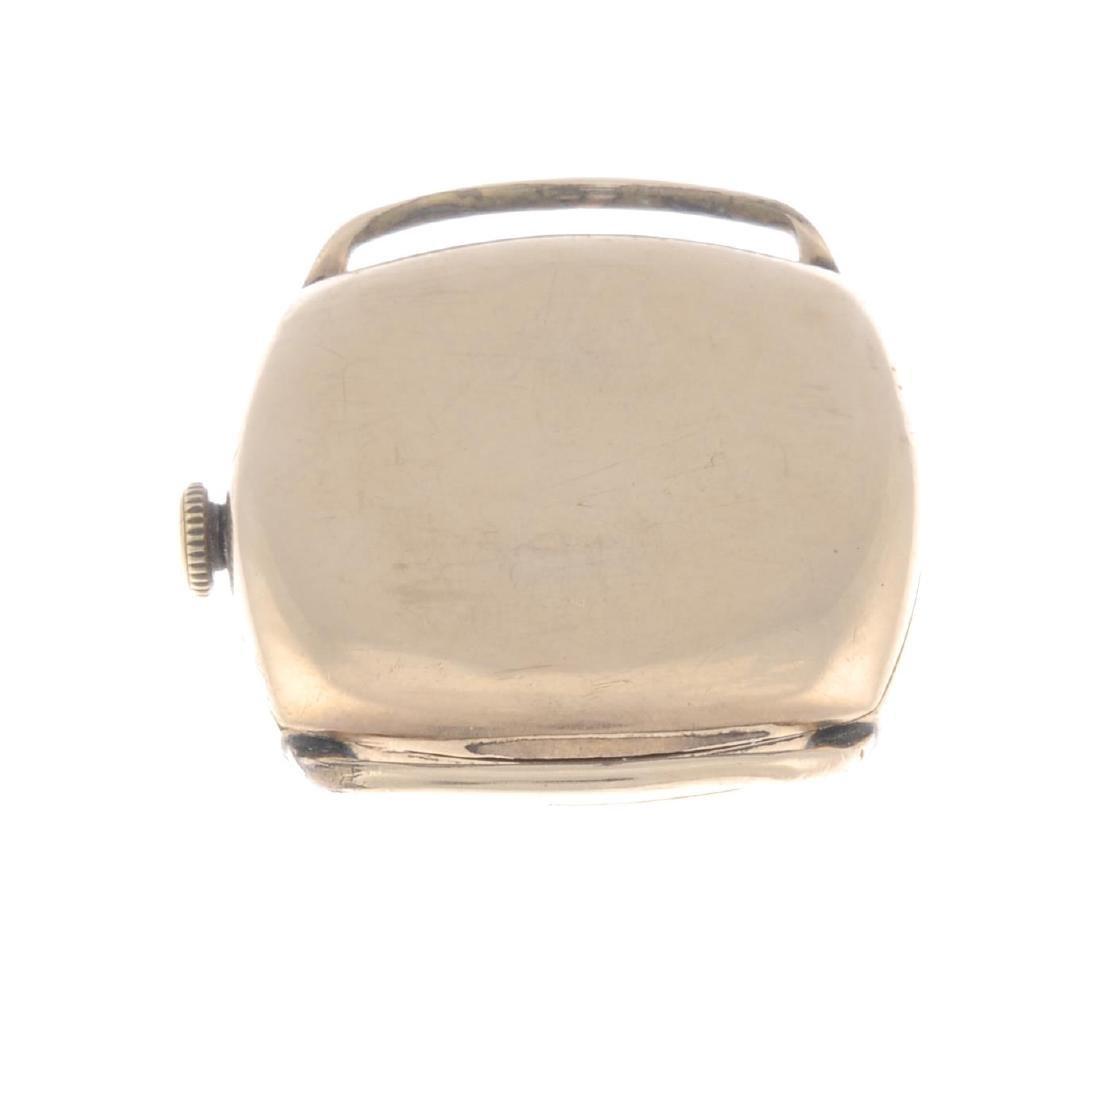 GARRARD - a gentleman's wrist watch. 9ct yellow gold - 6